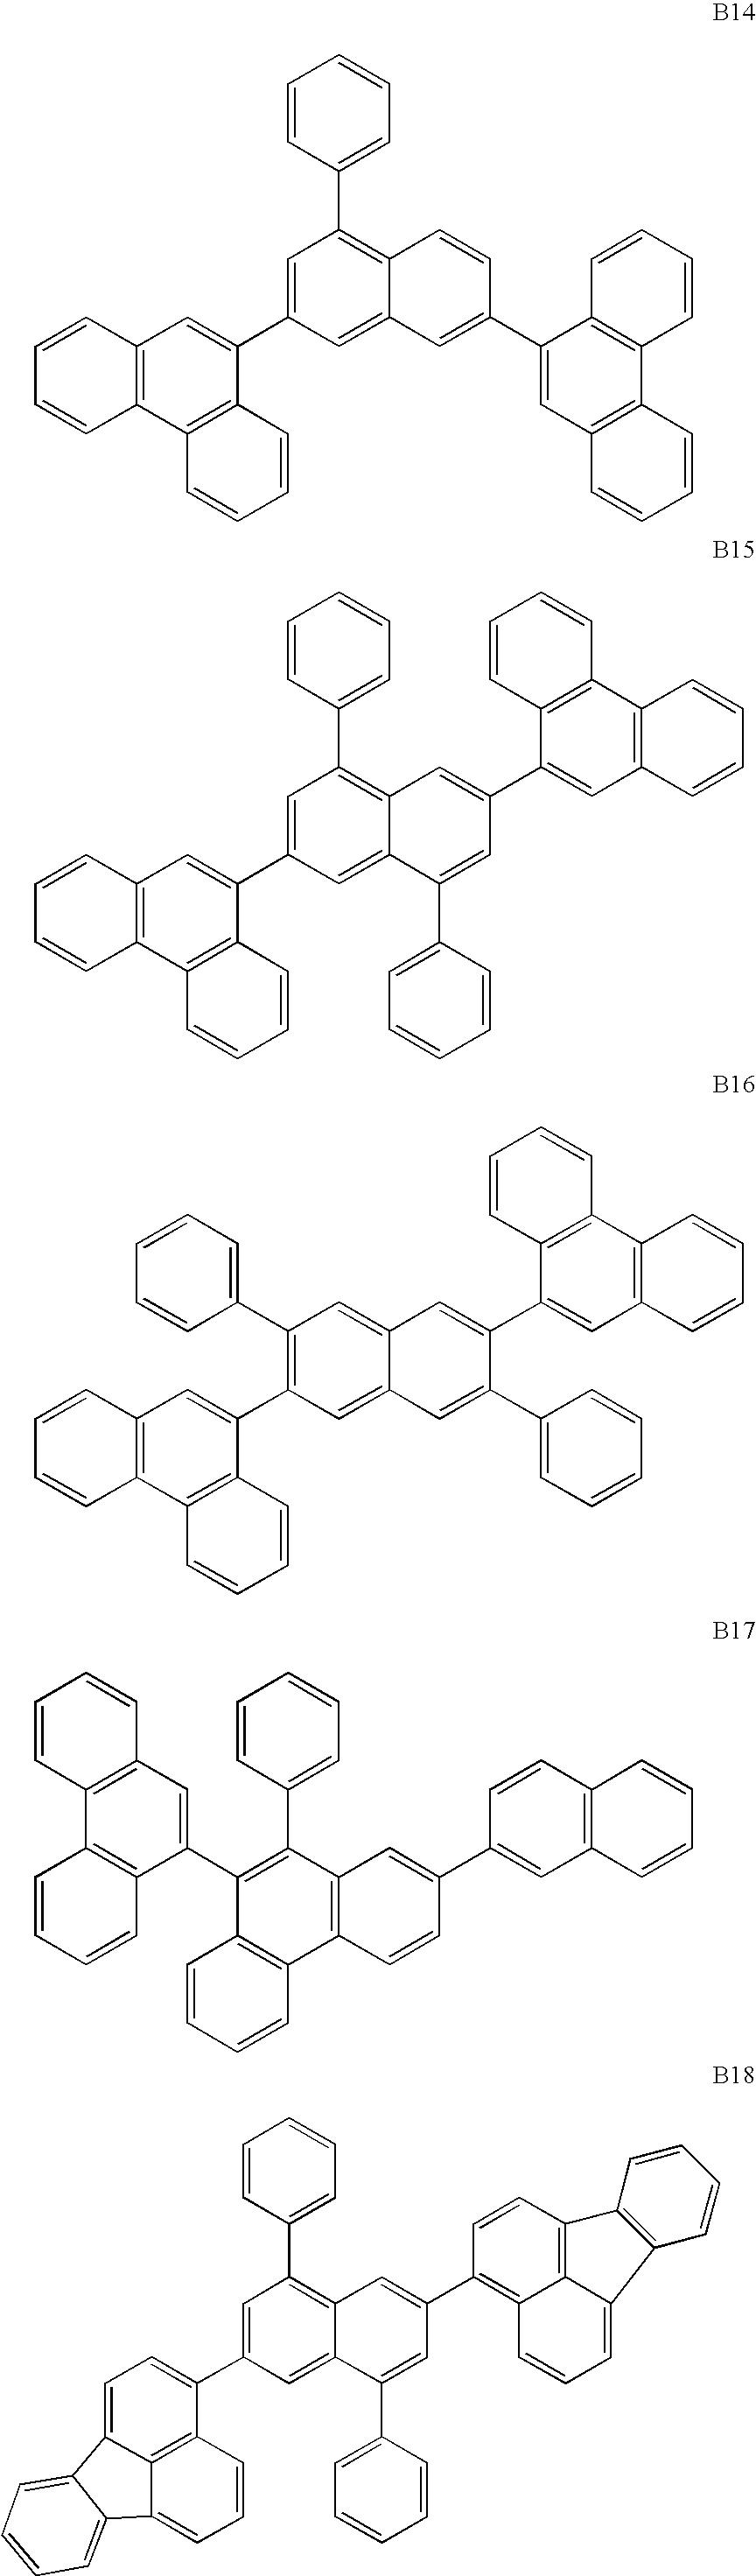 Figure US08779655-20140715-C00009